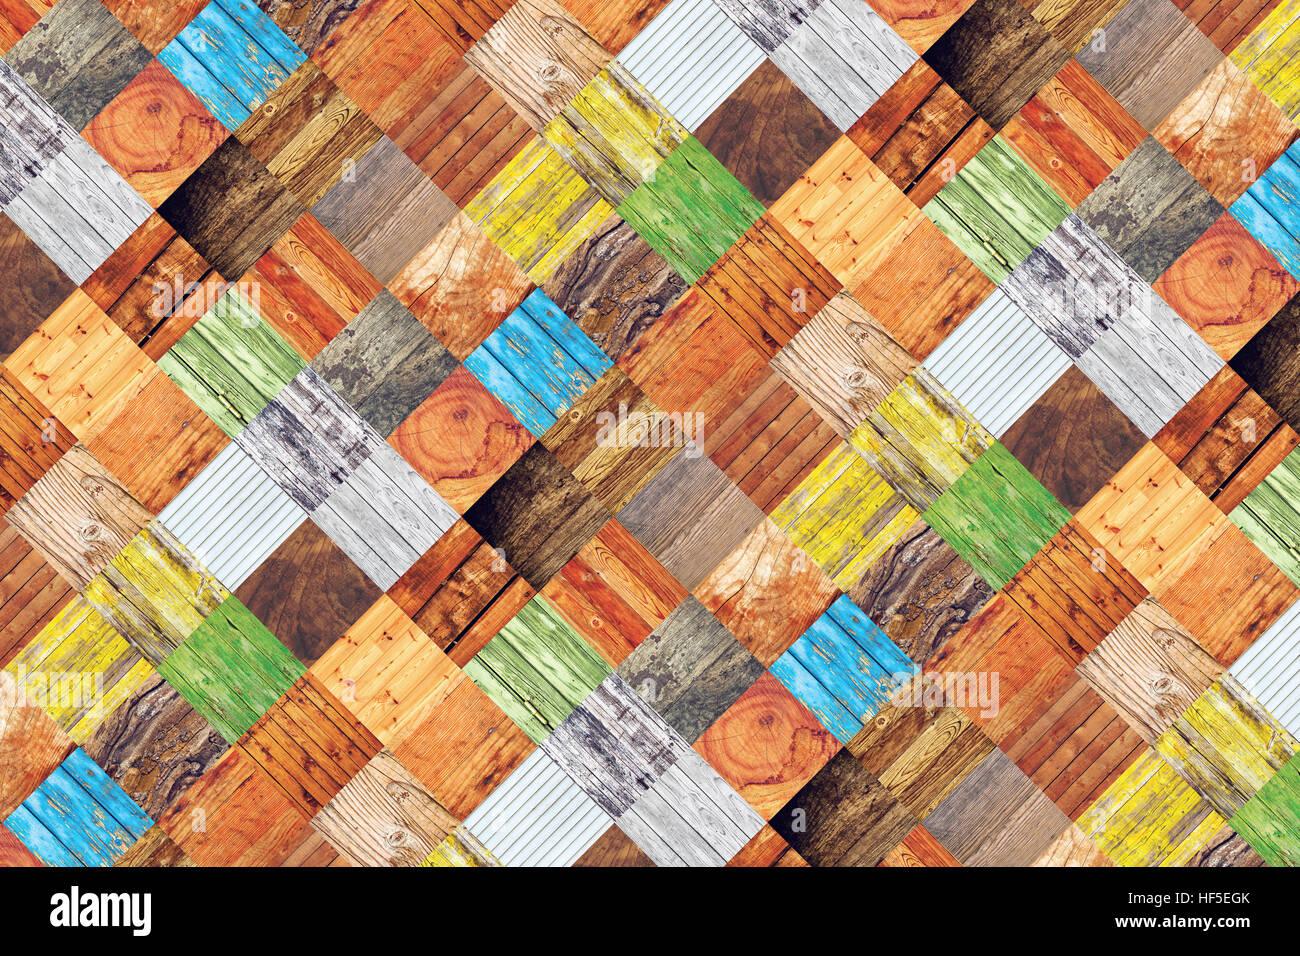 Collage aus verschiedenen Holzstruktur Proben im quadratischen format Stockbild